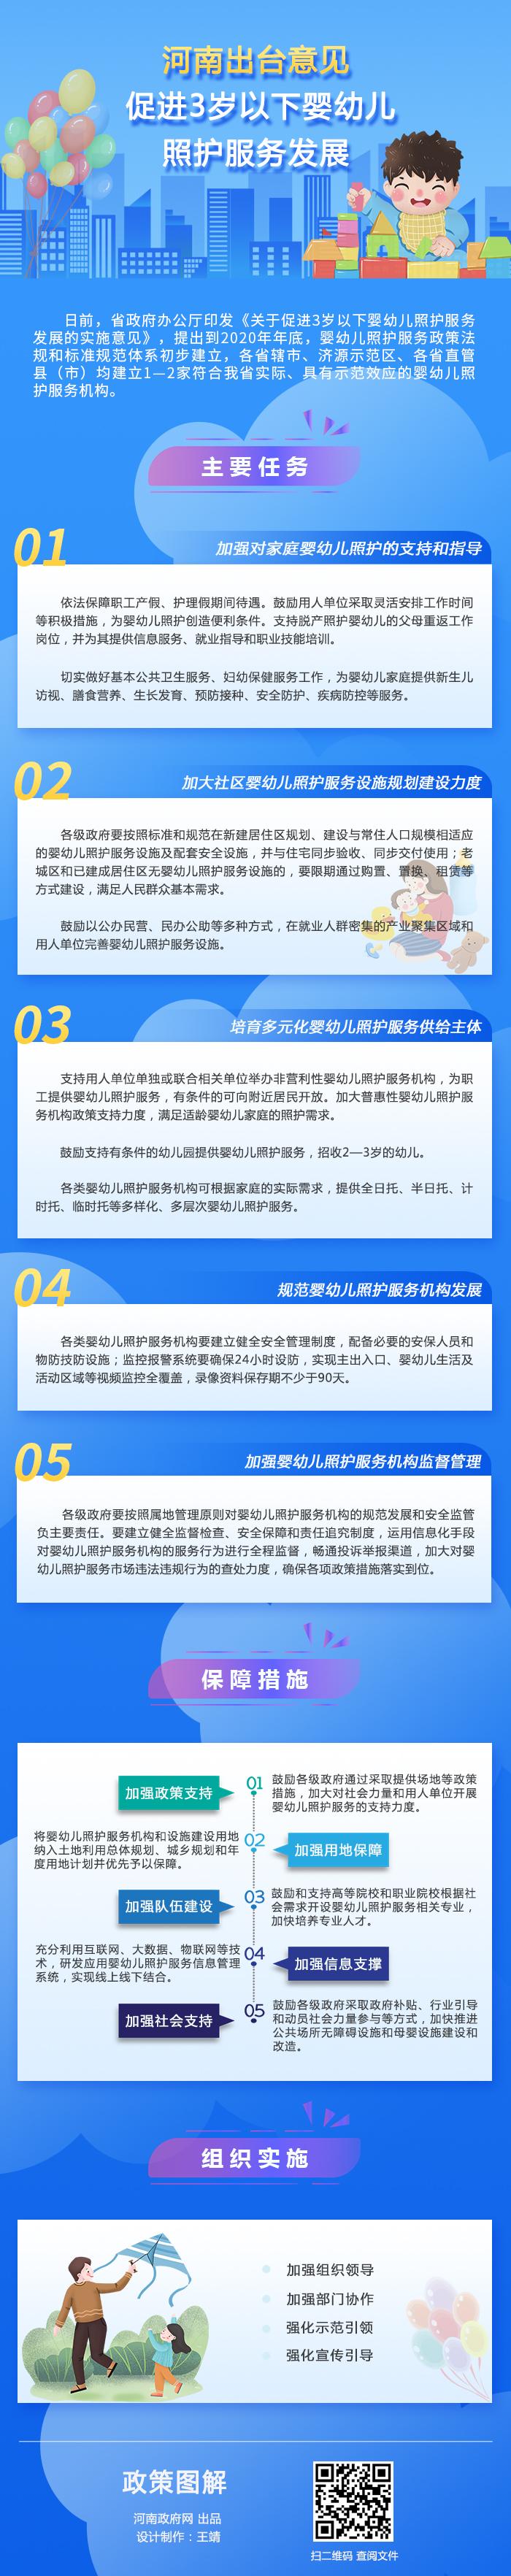 图解:河南出台意见 促进3岁以下婴幼儿照护服务发展